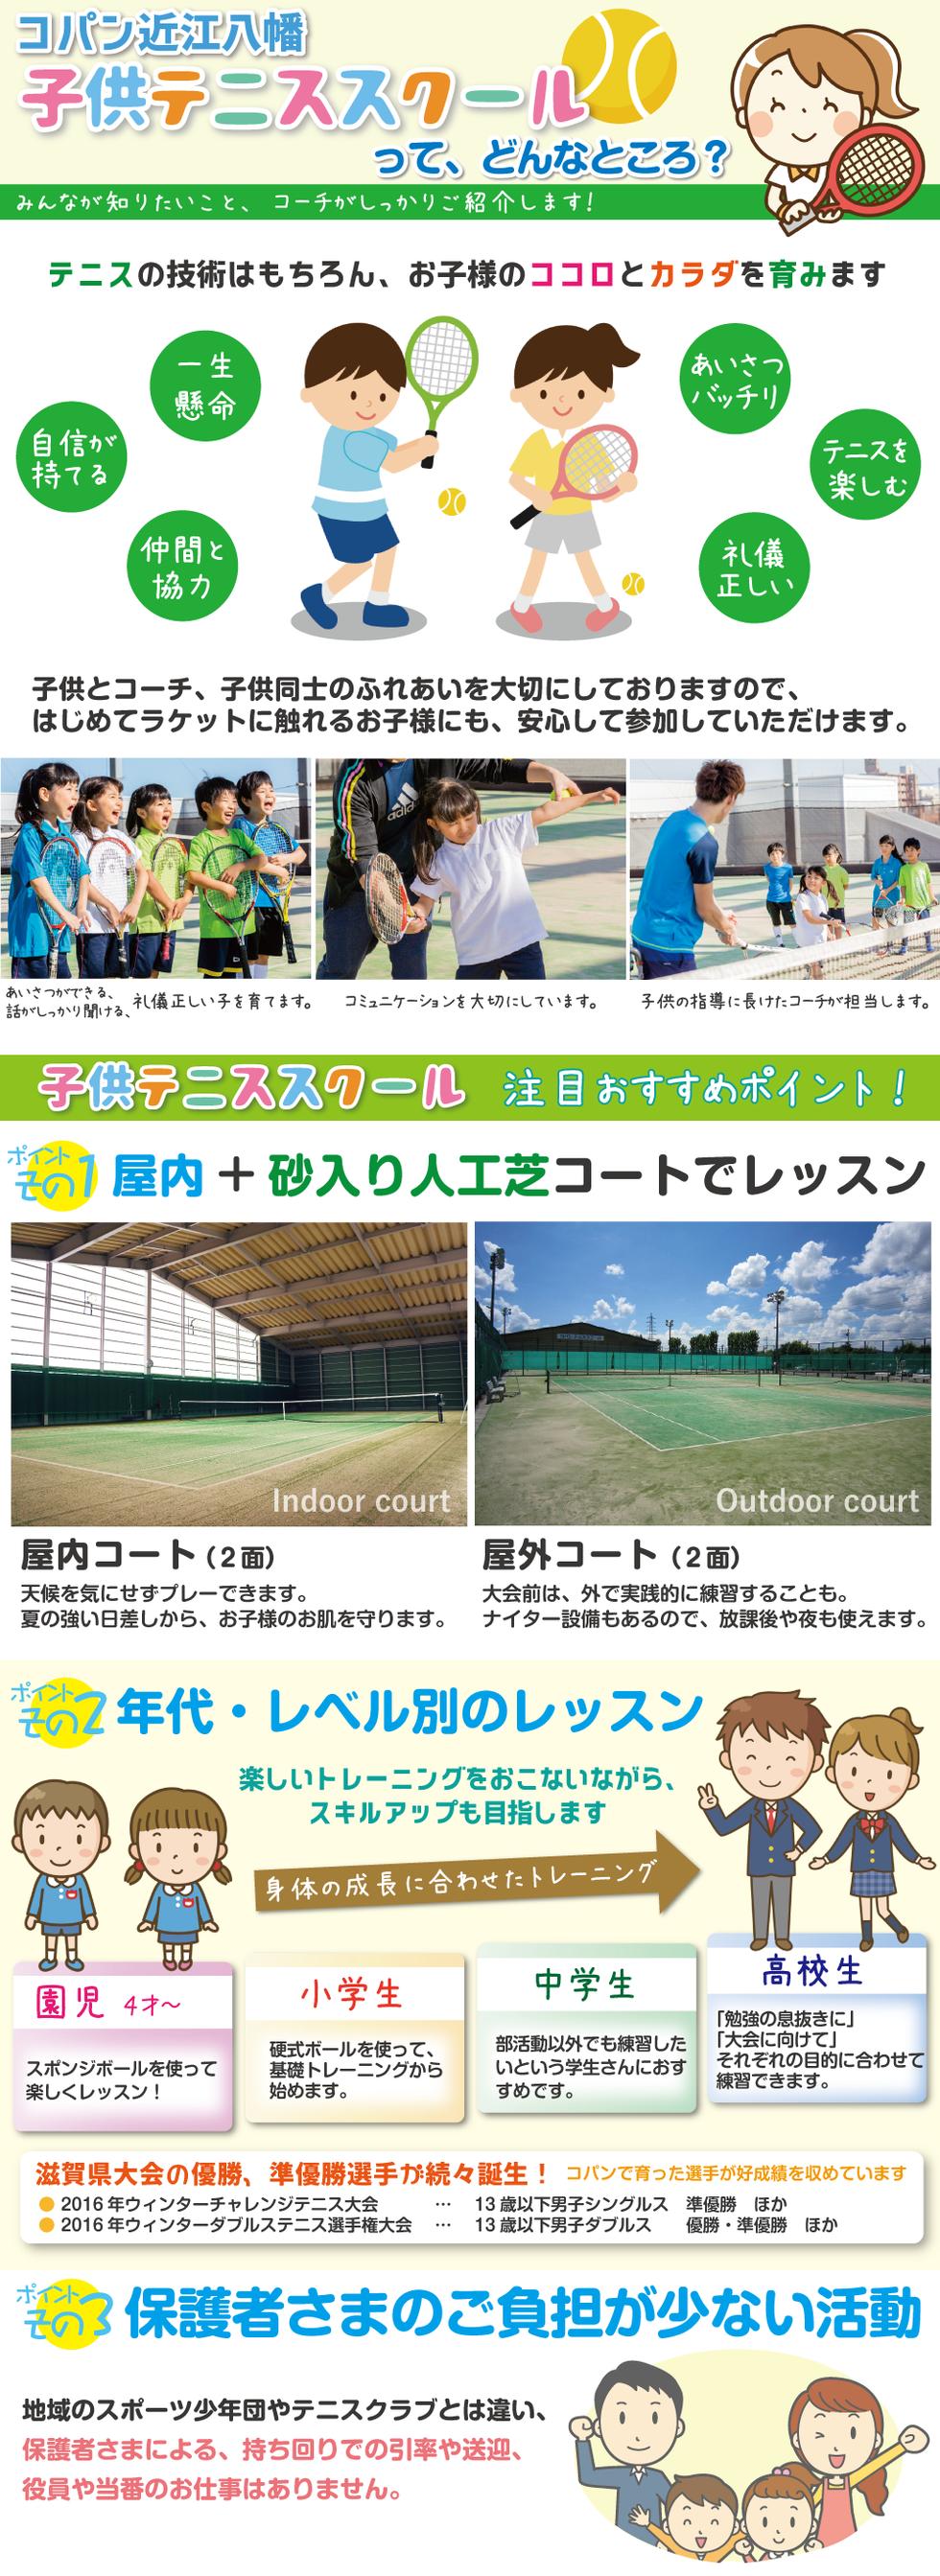 ランディングページ(子供テニス)②2102.png